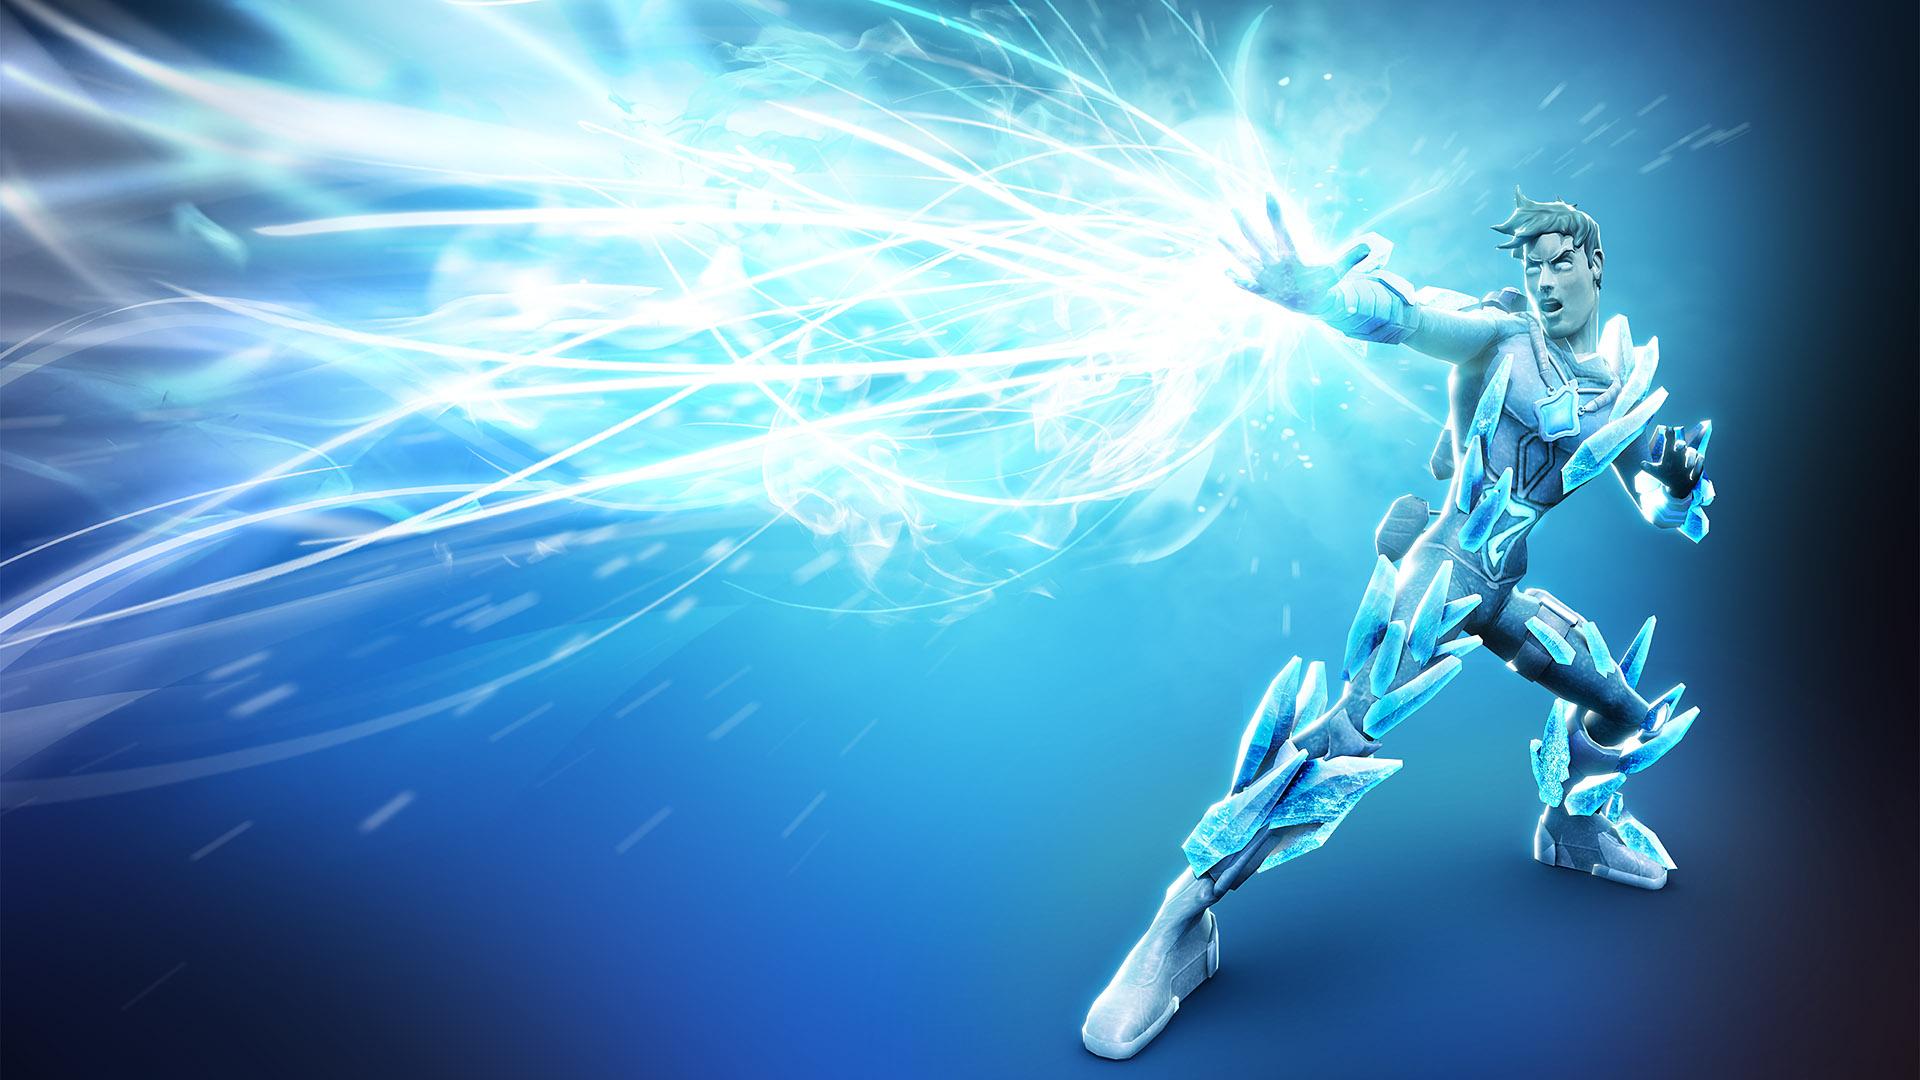 Zack Zero - Ice Power | Steam Trading Cards Wiki | FANDOM ...